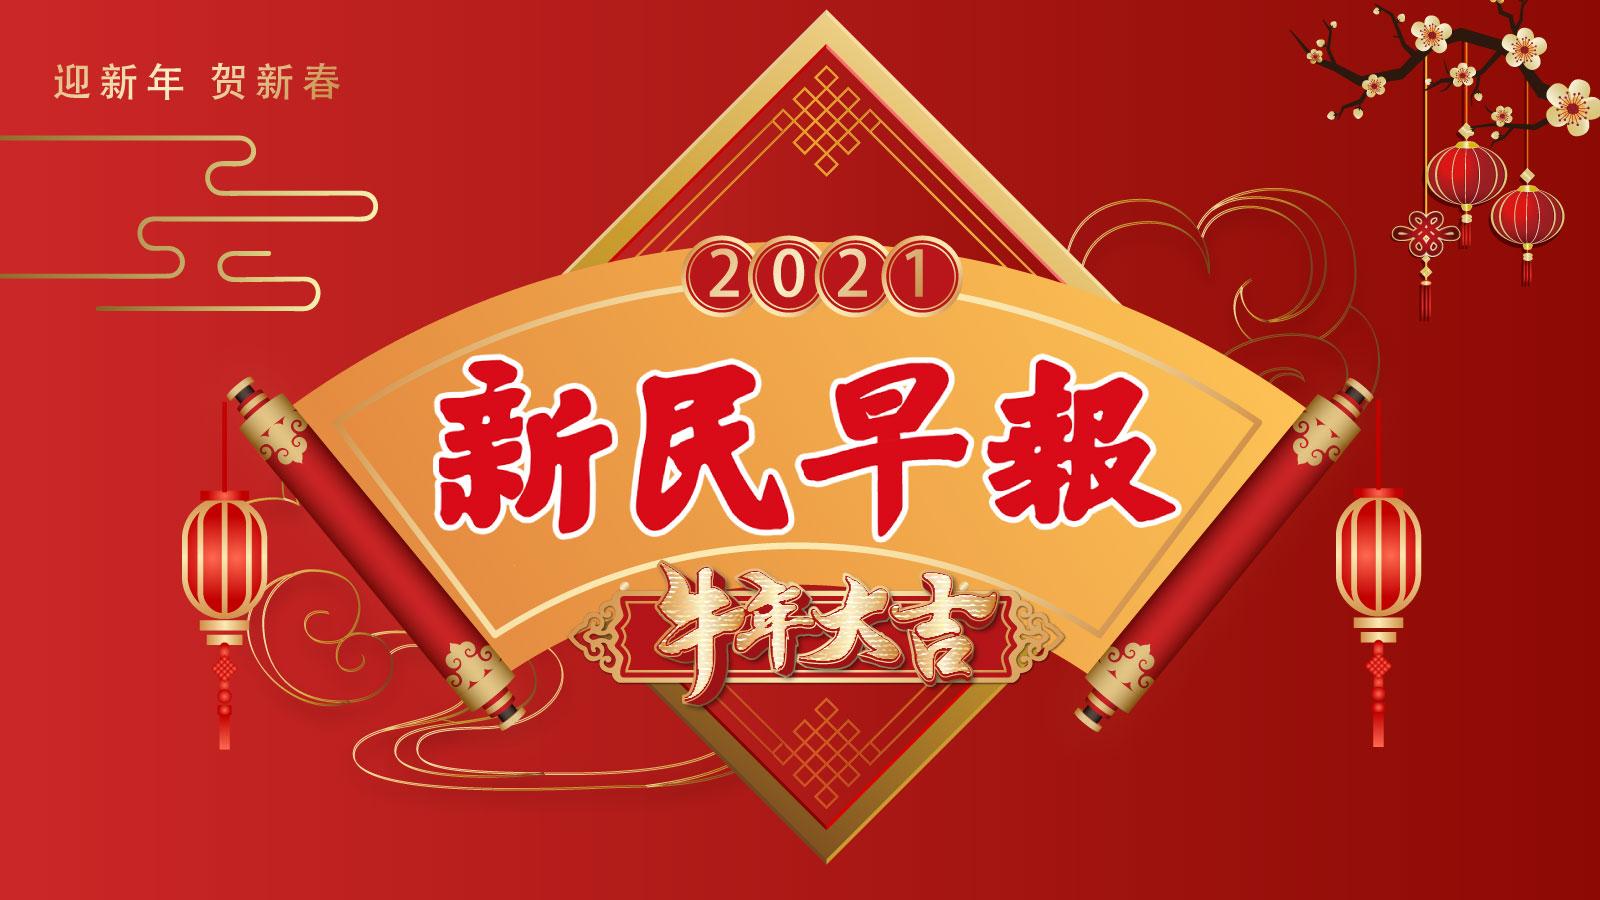 这种汤圆口味竟在网上销量增长最多!上海人能接受吗?10天报13次火警,这户住宅发生了什么? | 新民早报[2021.2.26]